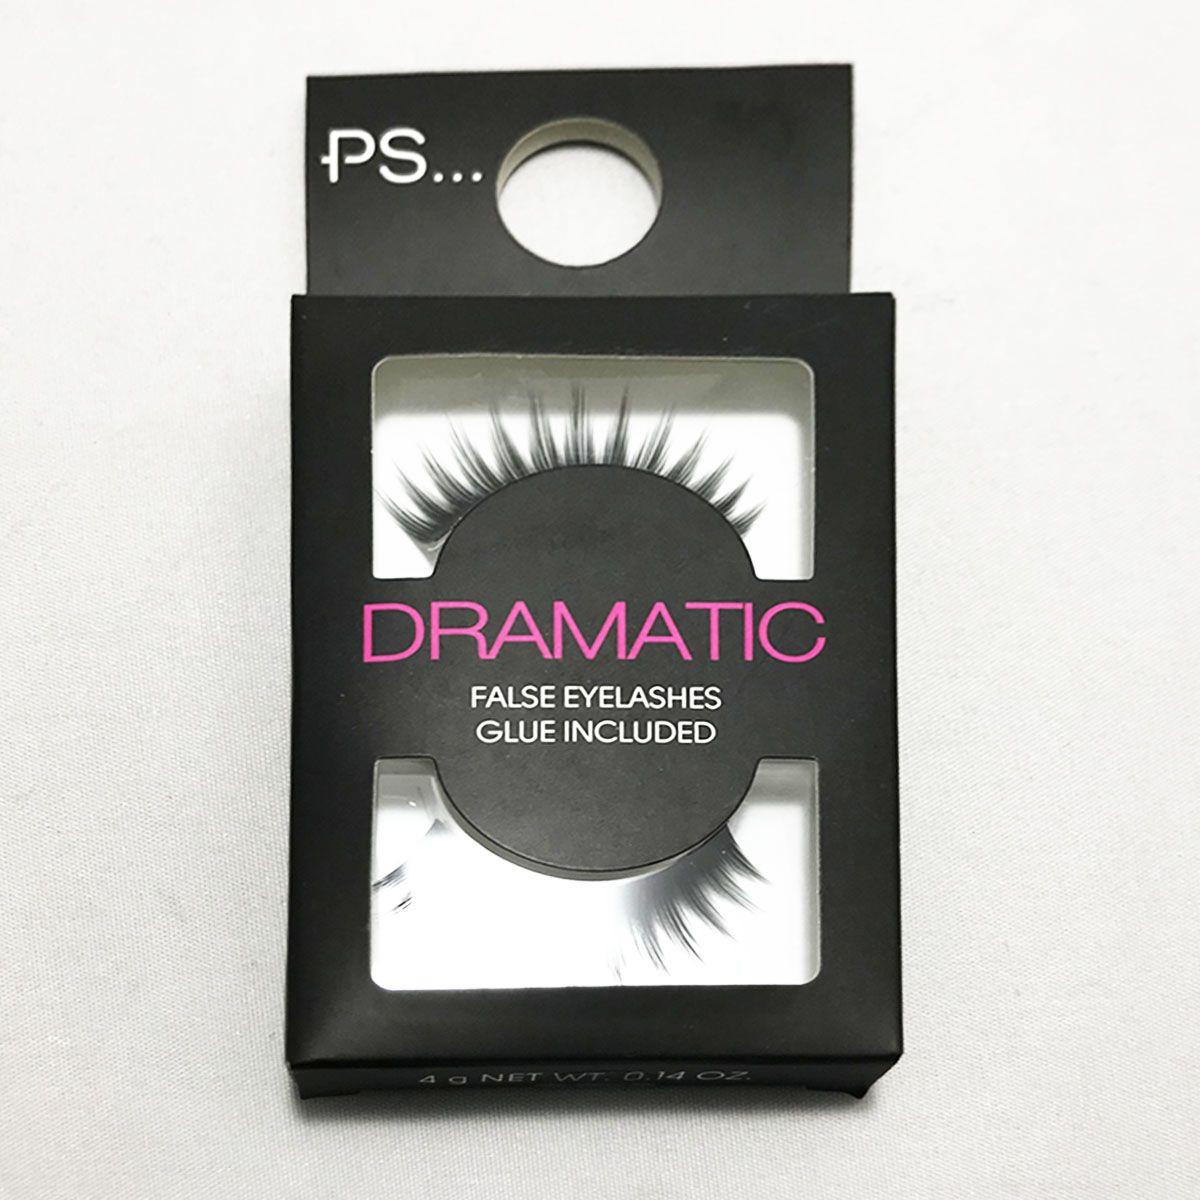 Primark Dramatic False Eyelashes Glue Included